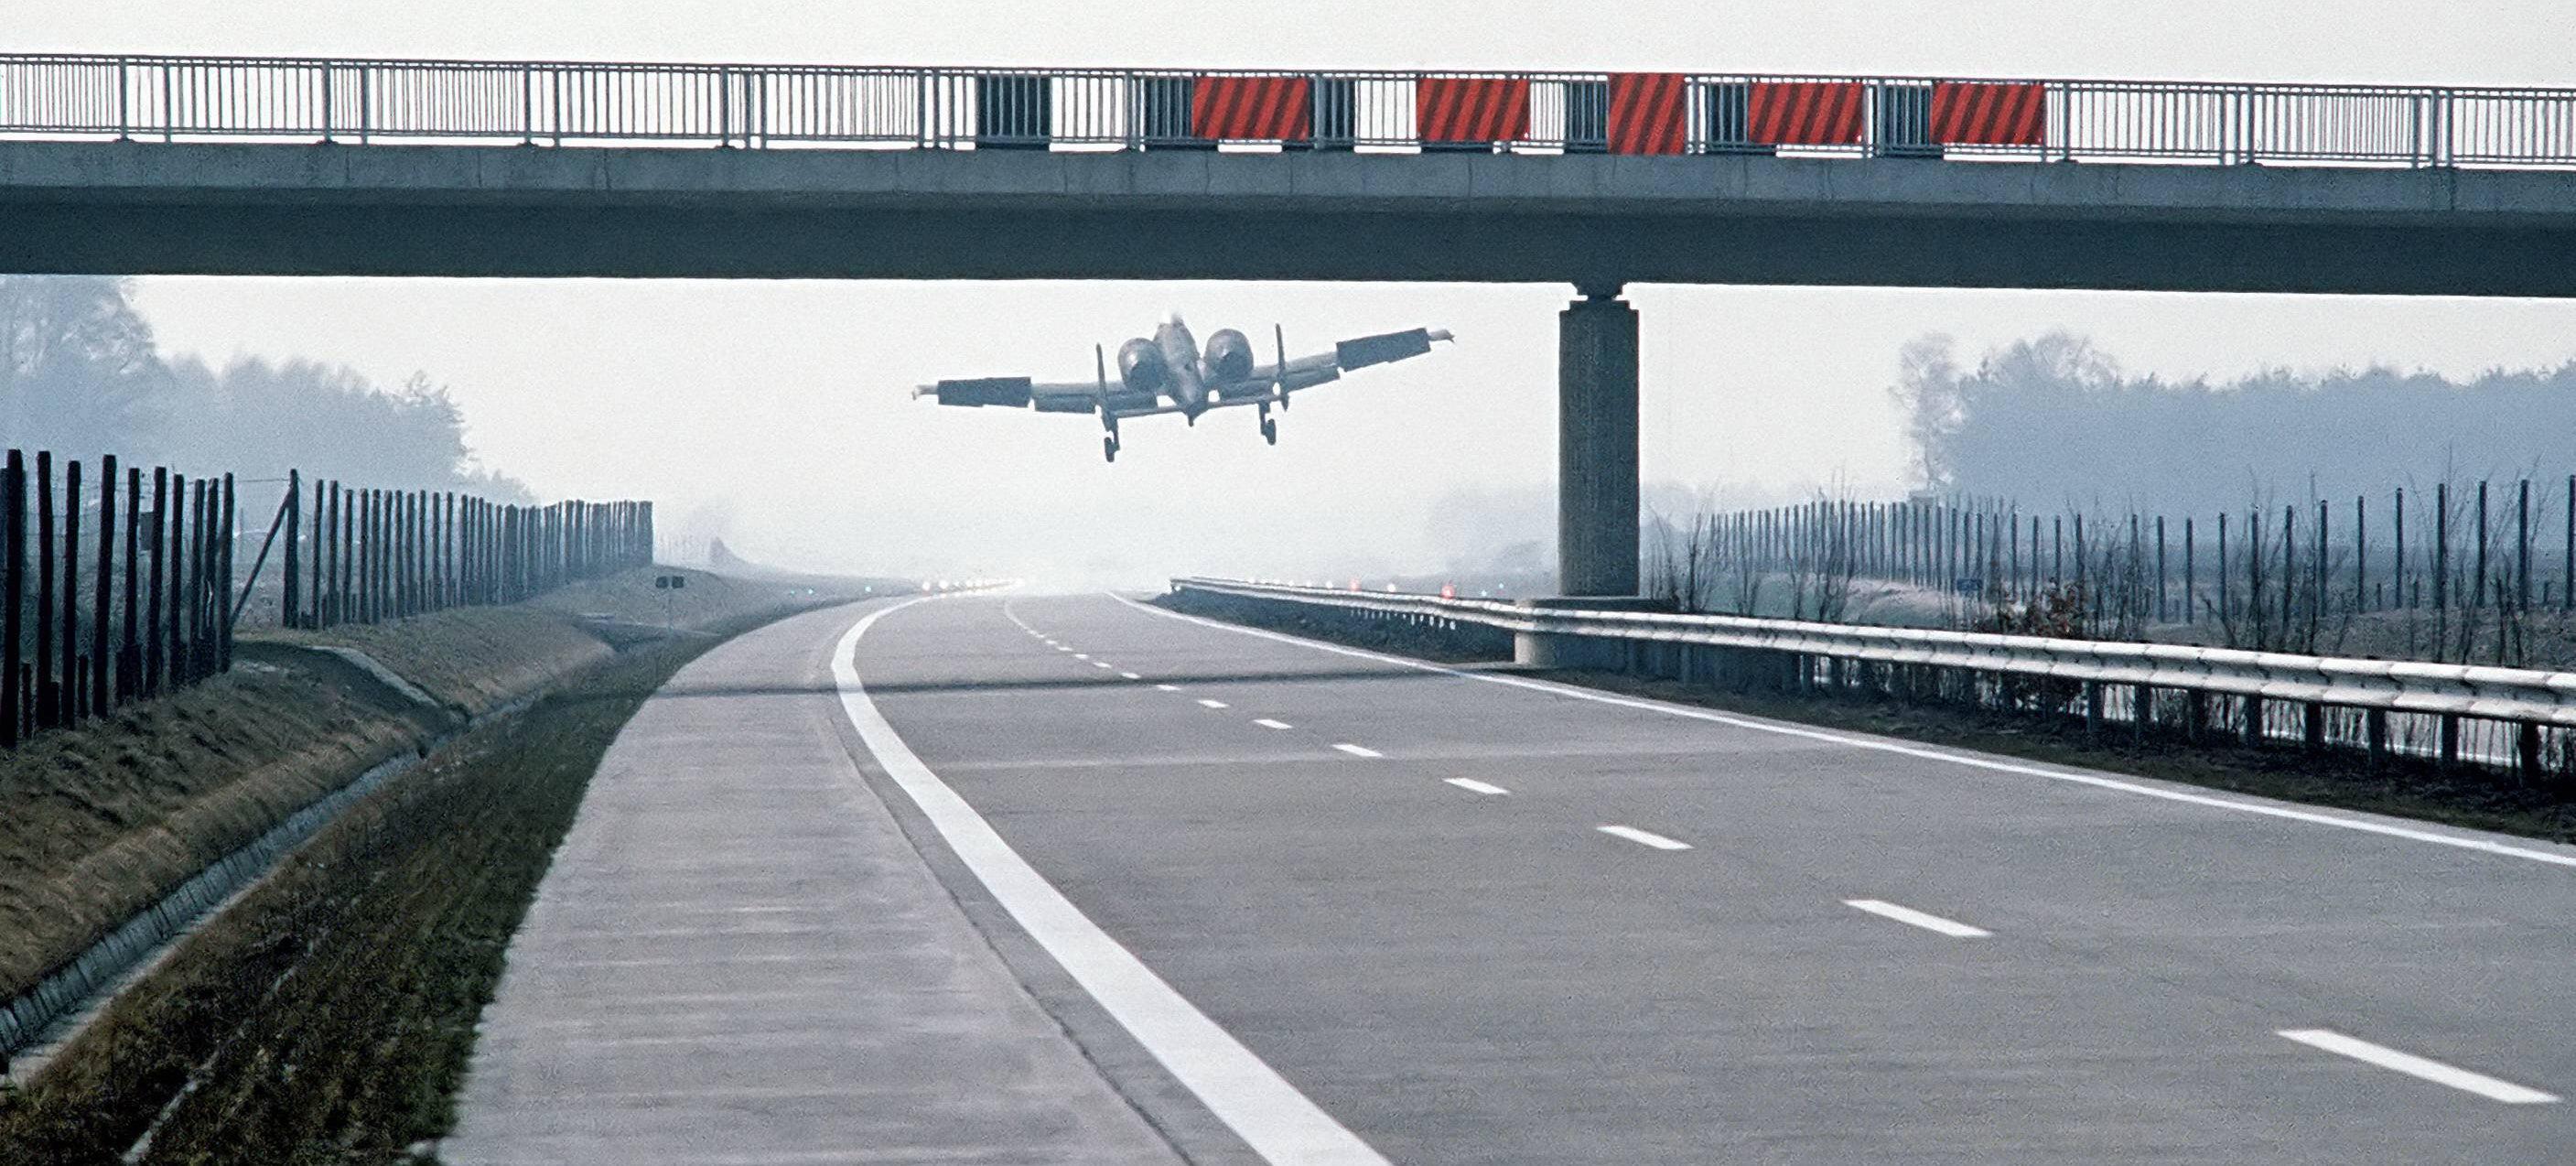 10 Thunderbolt attack jet lands on German highway